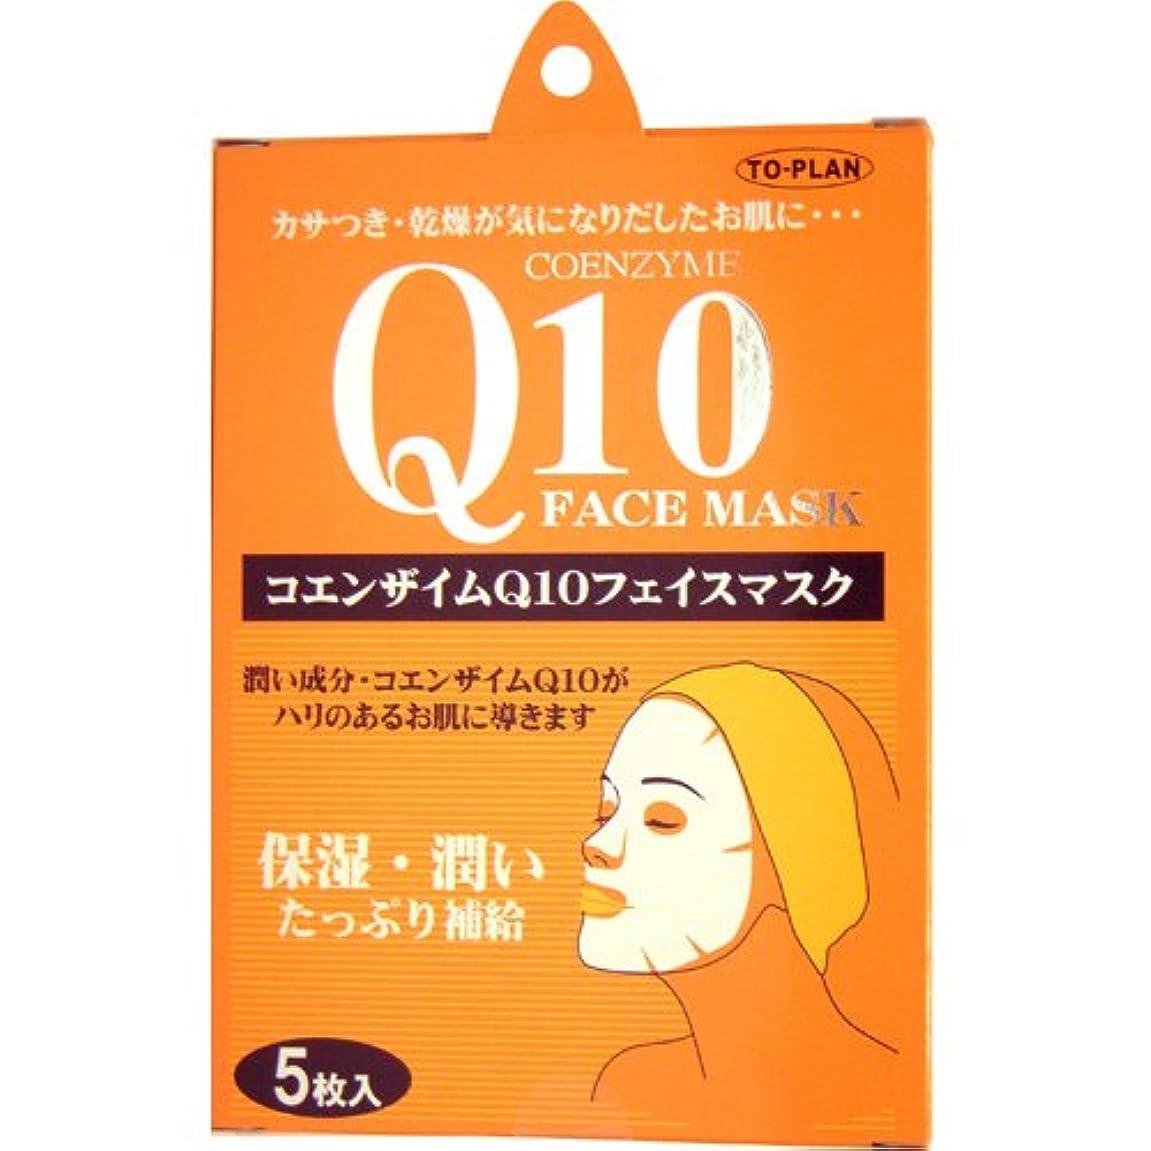 示すセットアップ曇ったTO-PLAN(トプラン) コエンザイムQ10フェイスマスク10枚入